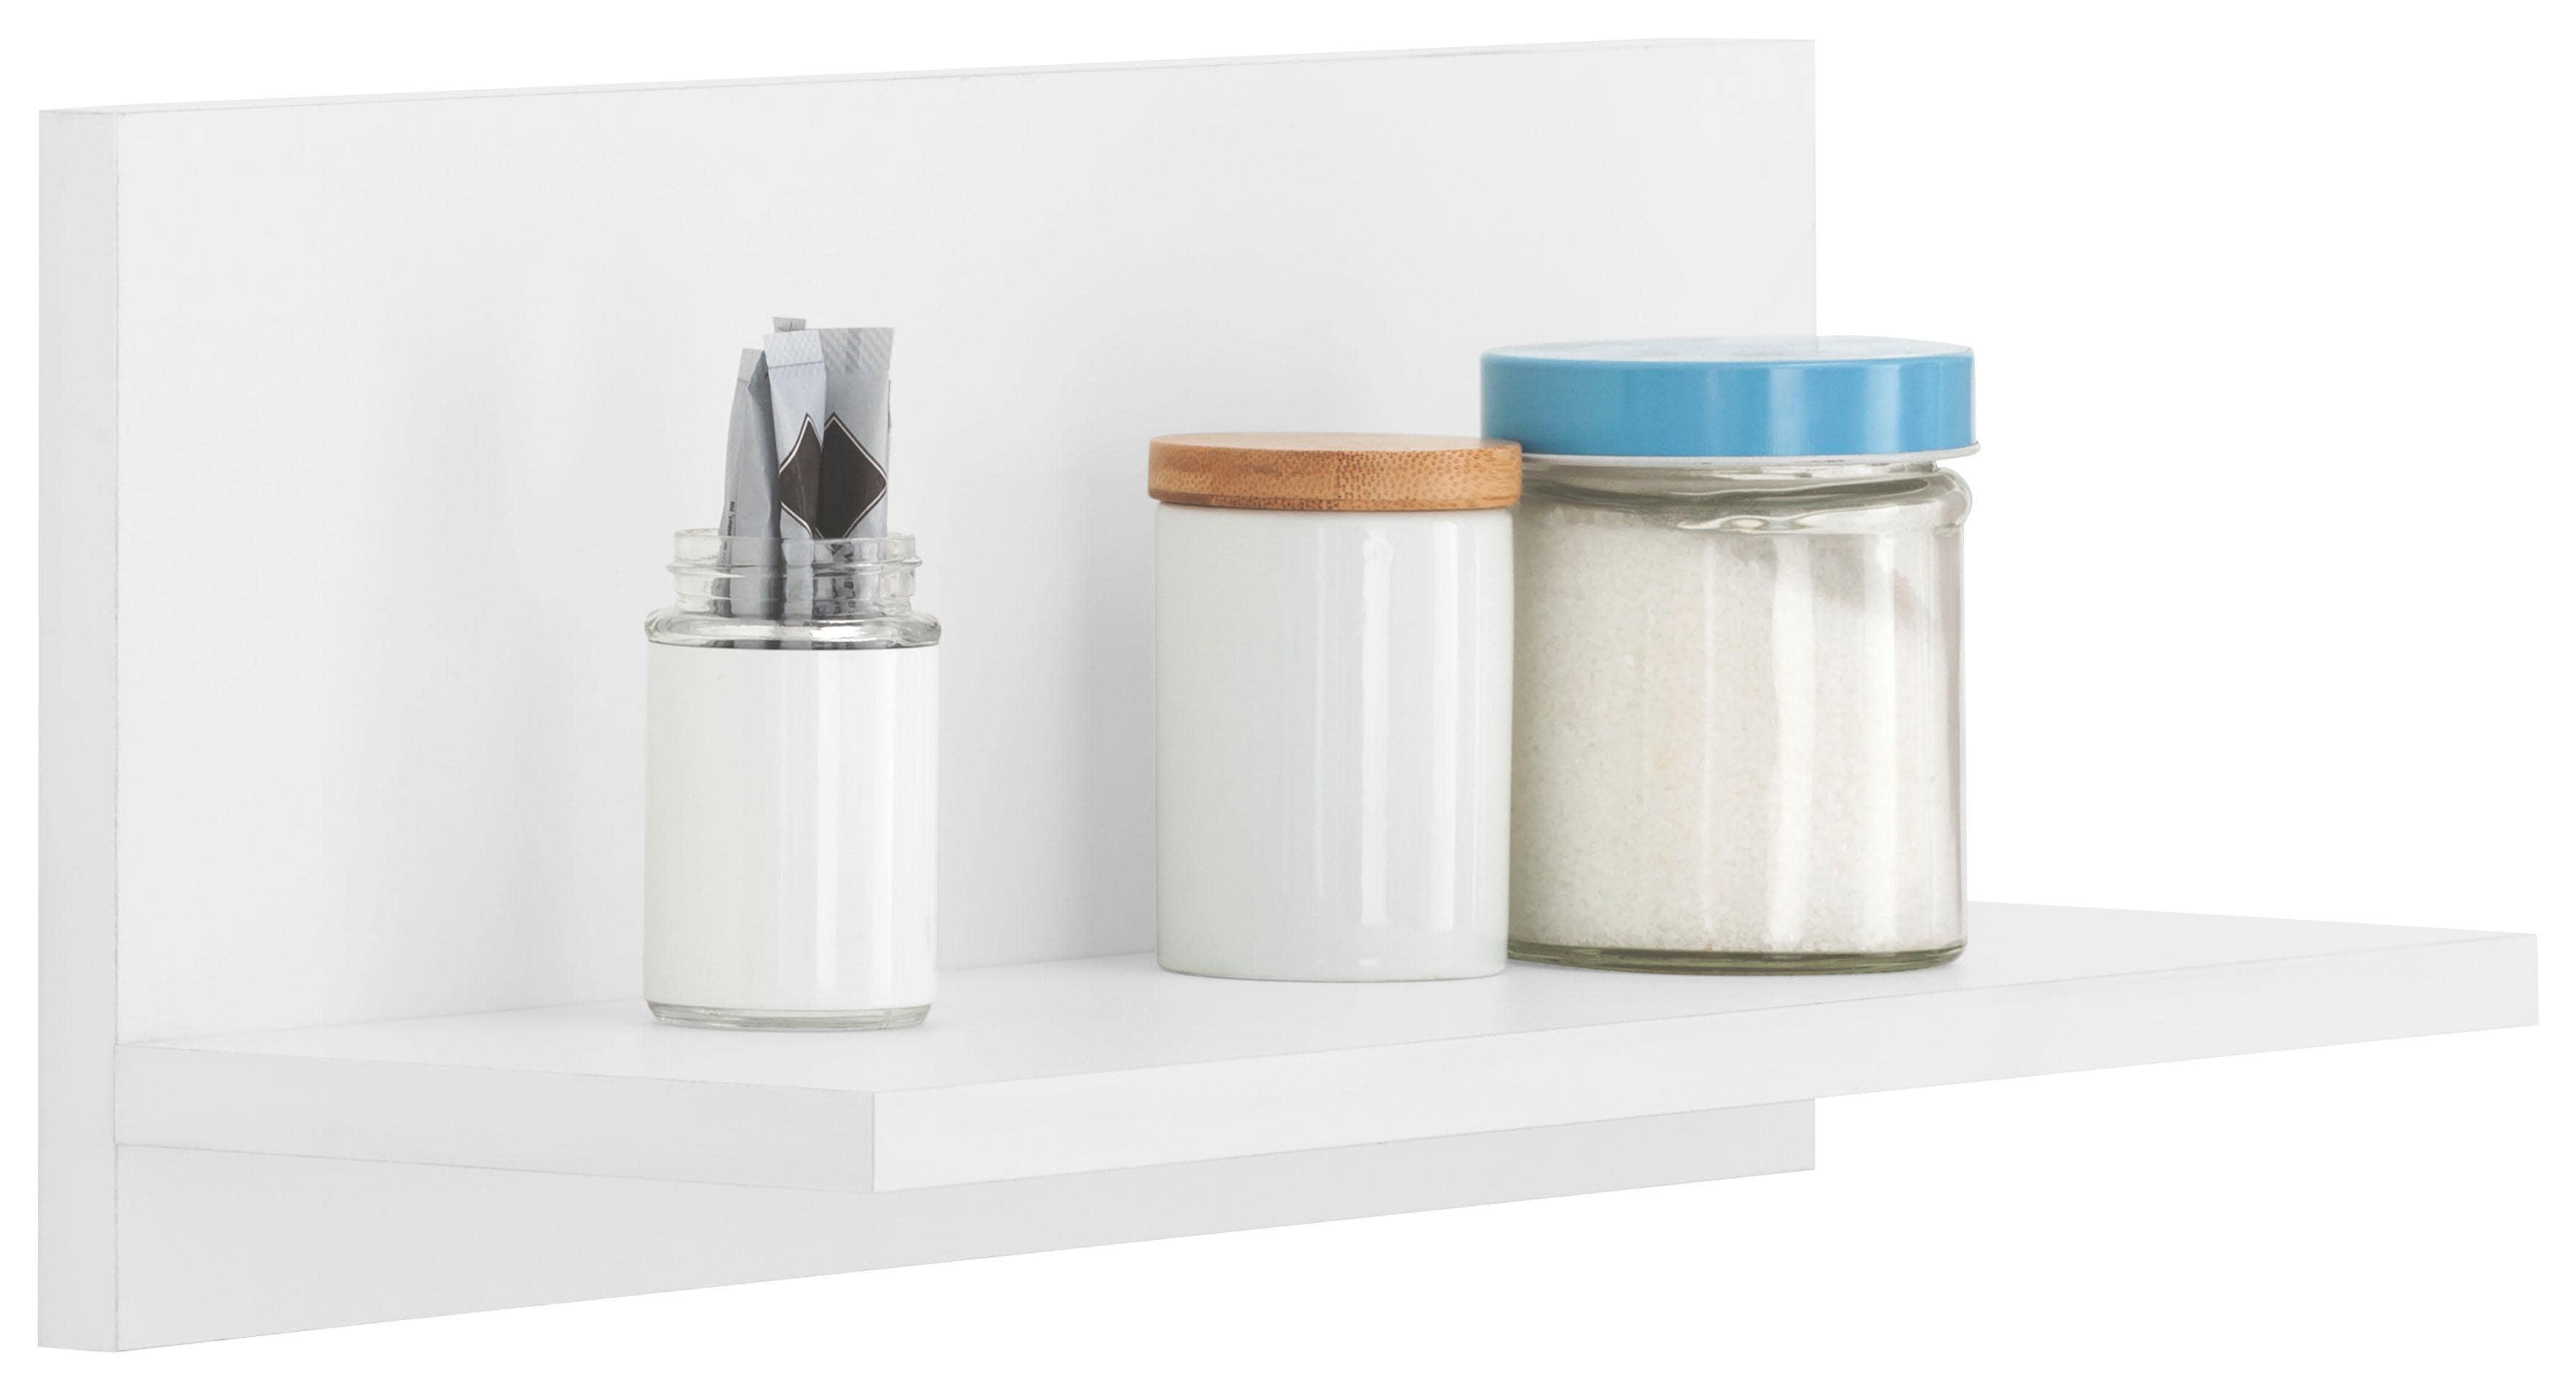 WIHO-Küchen Wandregal »Flexi2«, Breite 50 cm   Küche und Esszimmer > Küchenregale > Küchen-Standregale   Weiß   Melamin   WIHO KÜCHEN